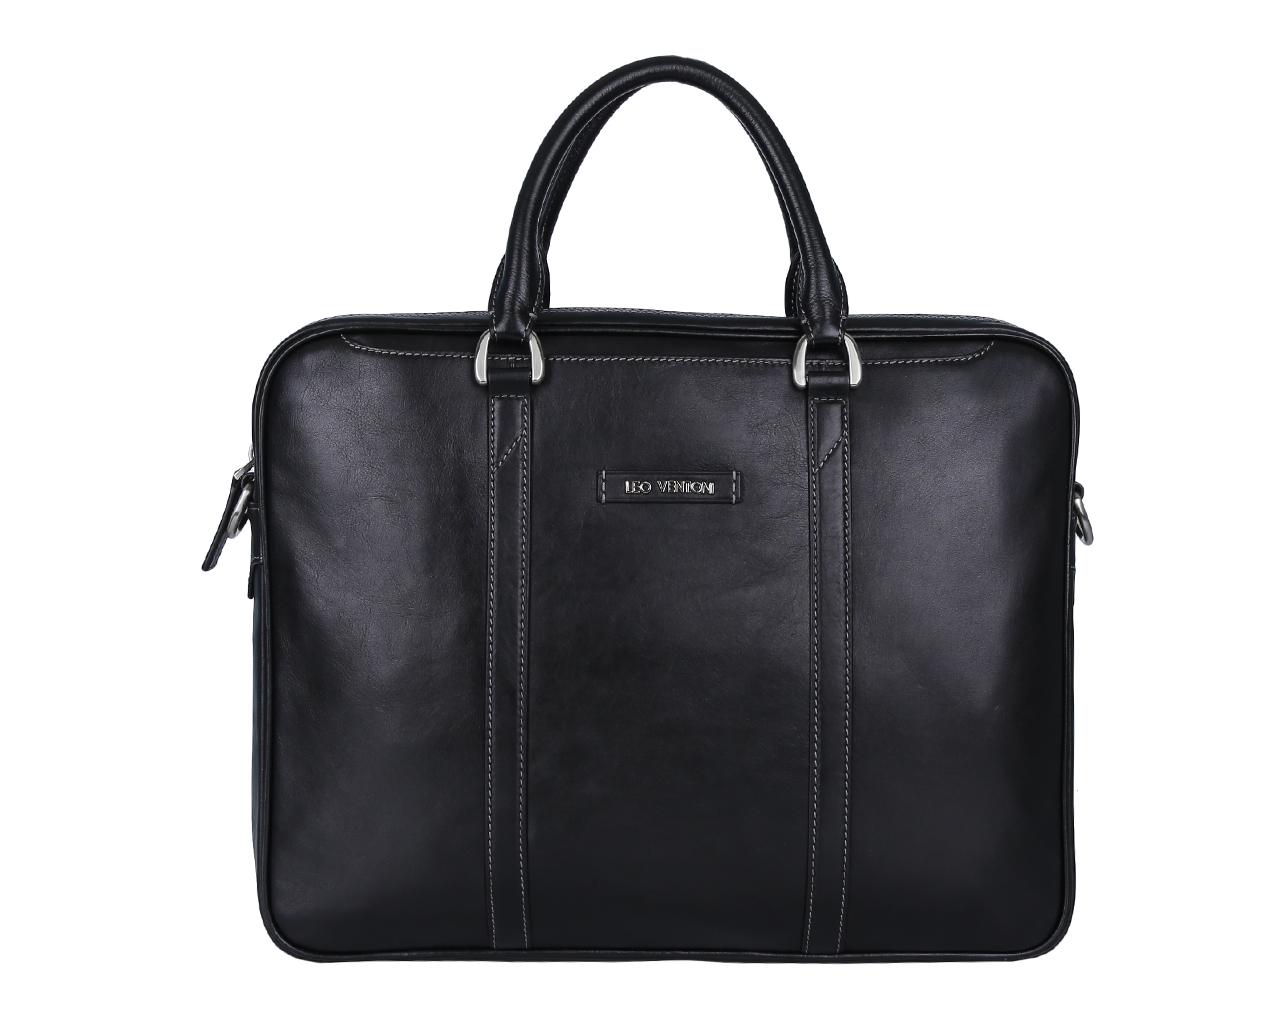 Сумка мужская Leo Ventoni, цвет: черный. 0300238603002386Стильная мужская сумка Leo Ventoni выполнена из натуральной гладкой кожи и закрывается на металлическую застежку-молнию. Внутренняя часть изделия выполнена из текстиля и натуральной кожи. Отделение сумки содержит боковой мягкий карман с хлястиком на липучке для планшета, врезной карман на пластиковой молнии, два прорезных кармана и два держателя для шариковых ручек. На передней и задней стенках изделия расположены глубокие прорезные открытые карманы. Сумка декорирована металлической надписью логотипа бренда и прострочками. Изделие оснащено удобными ручками для переноски. К сумке прилагаются наплечный ремень регулируемой длины и фирменный текстильный чехол для хранения. Функциональная мужская сумка Leo Ventoni станет стильным аксессуаром для делового мужчины.